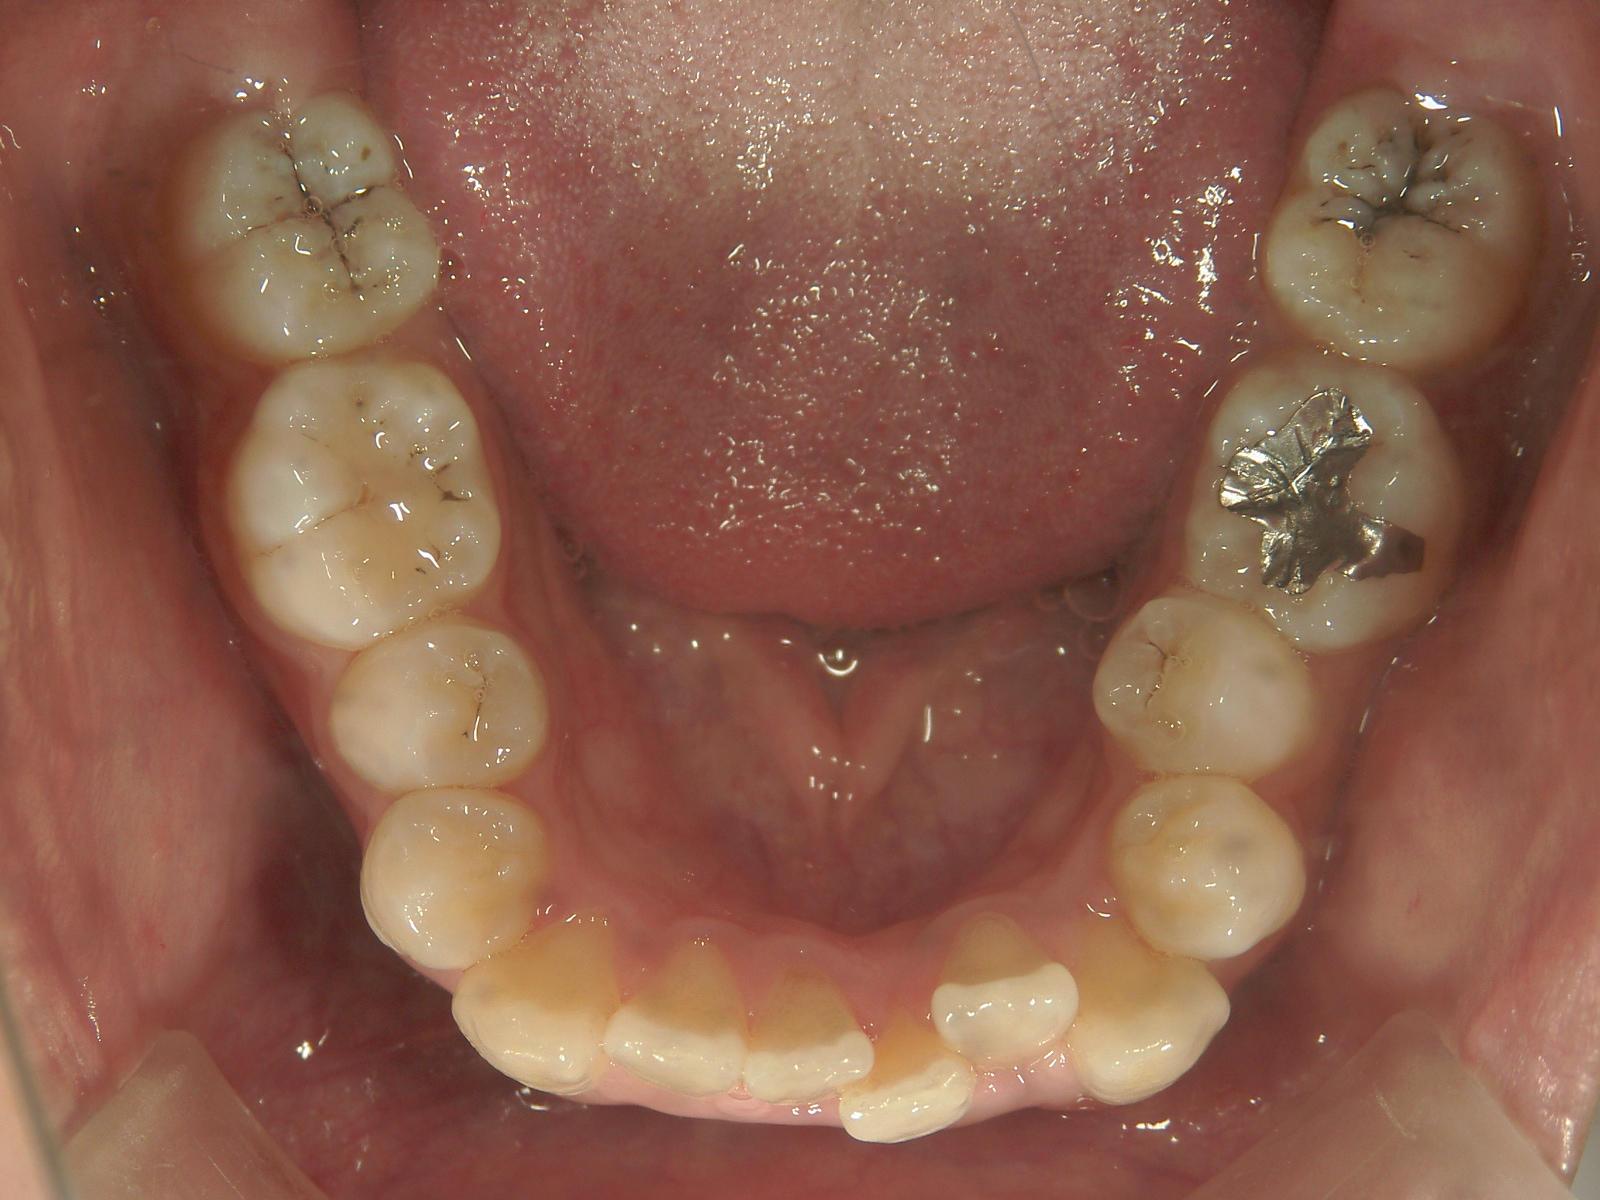 舌側ワイヤー矯正 症例(9)